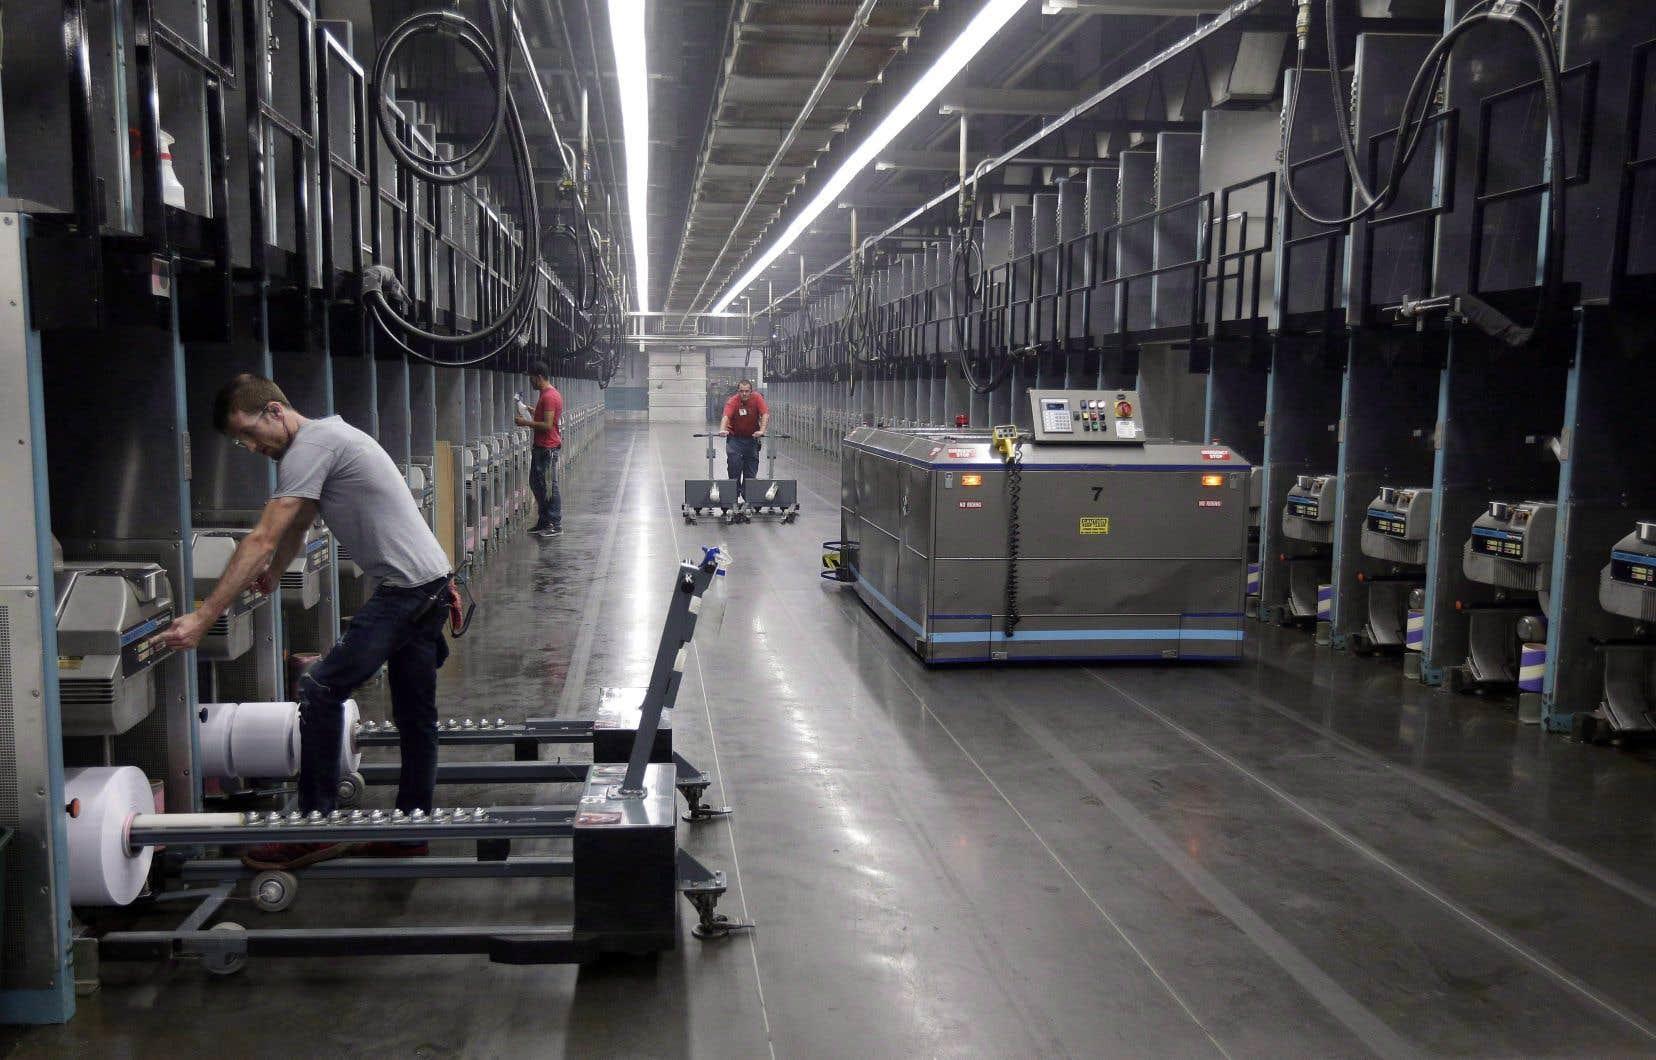 Jusqu'à 15% des emplois pourraient être perdus à cause de l'automatisation au cours des deux prochaines décennies.